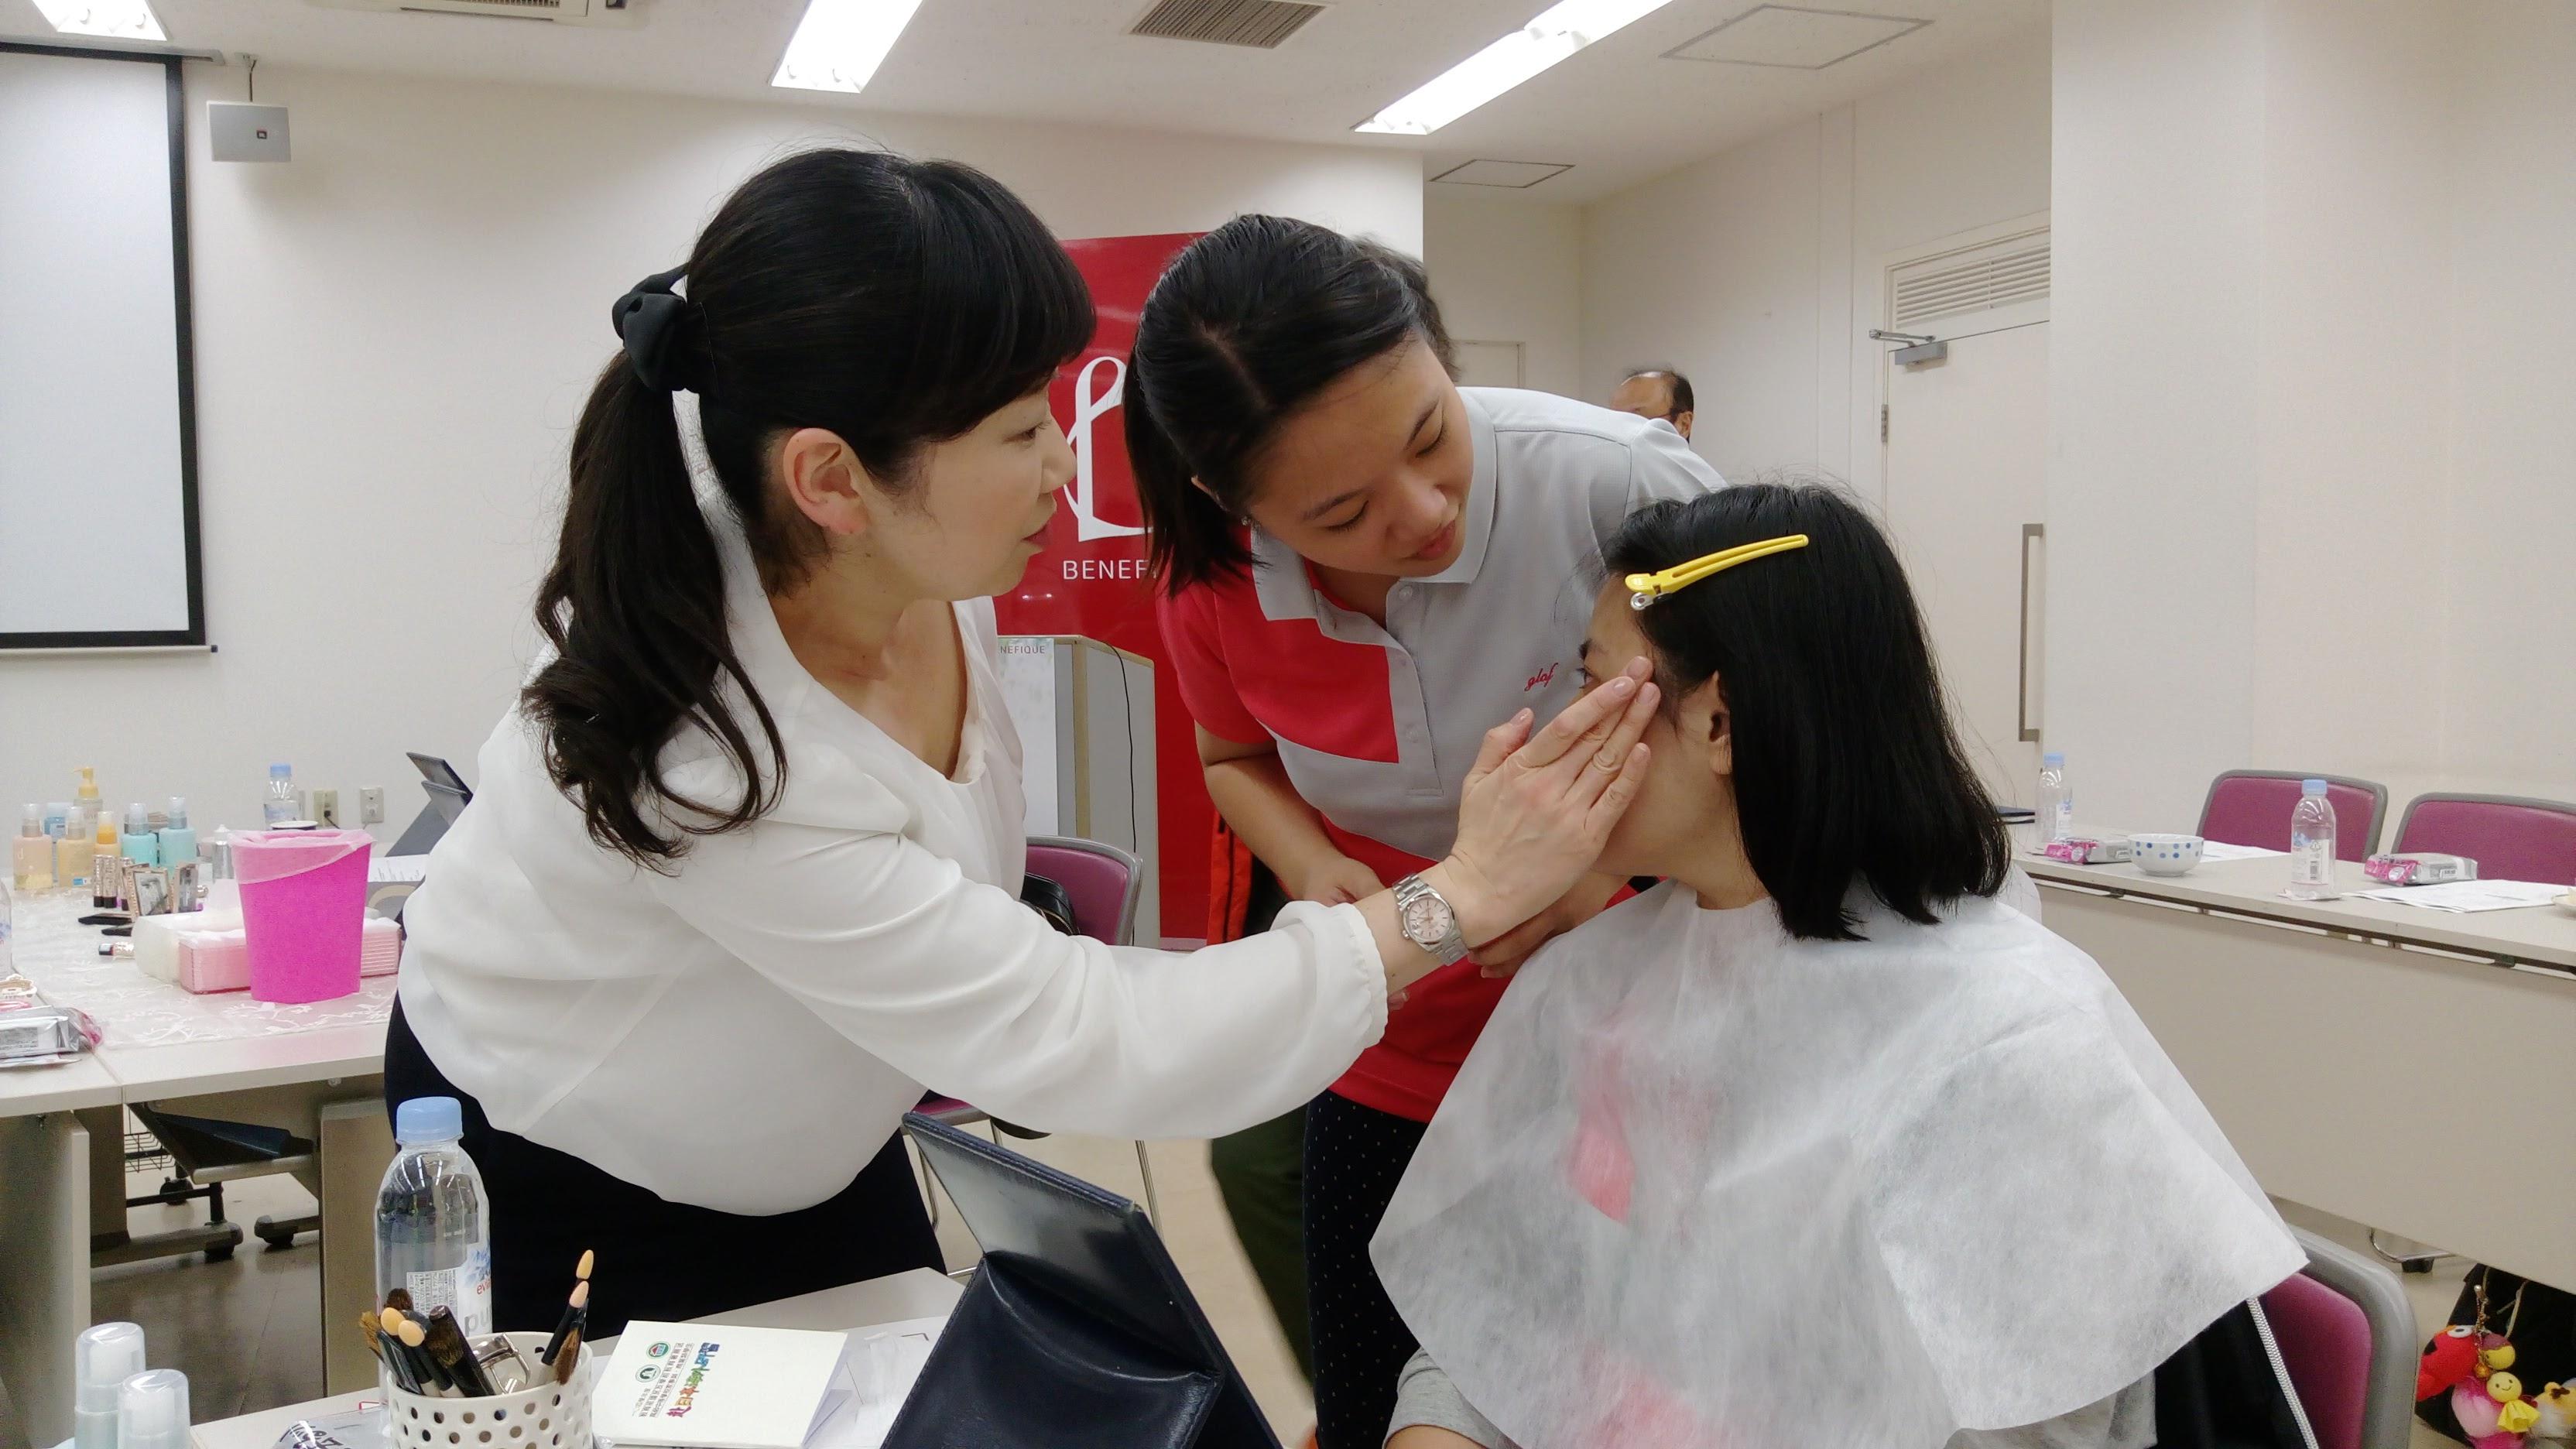 選手在資生堂公司實習化妝和最新款少女髮型梳理。(圖/員林家商提供)